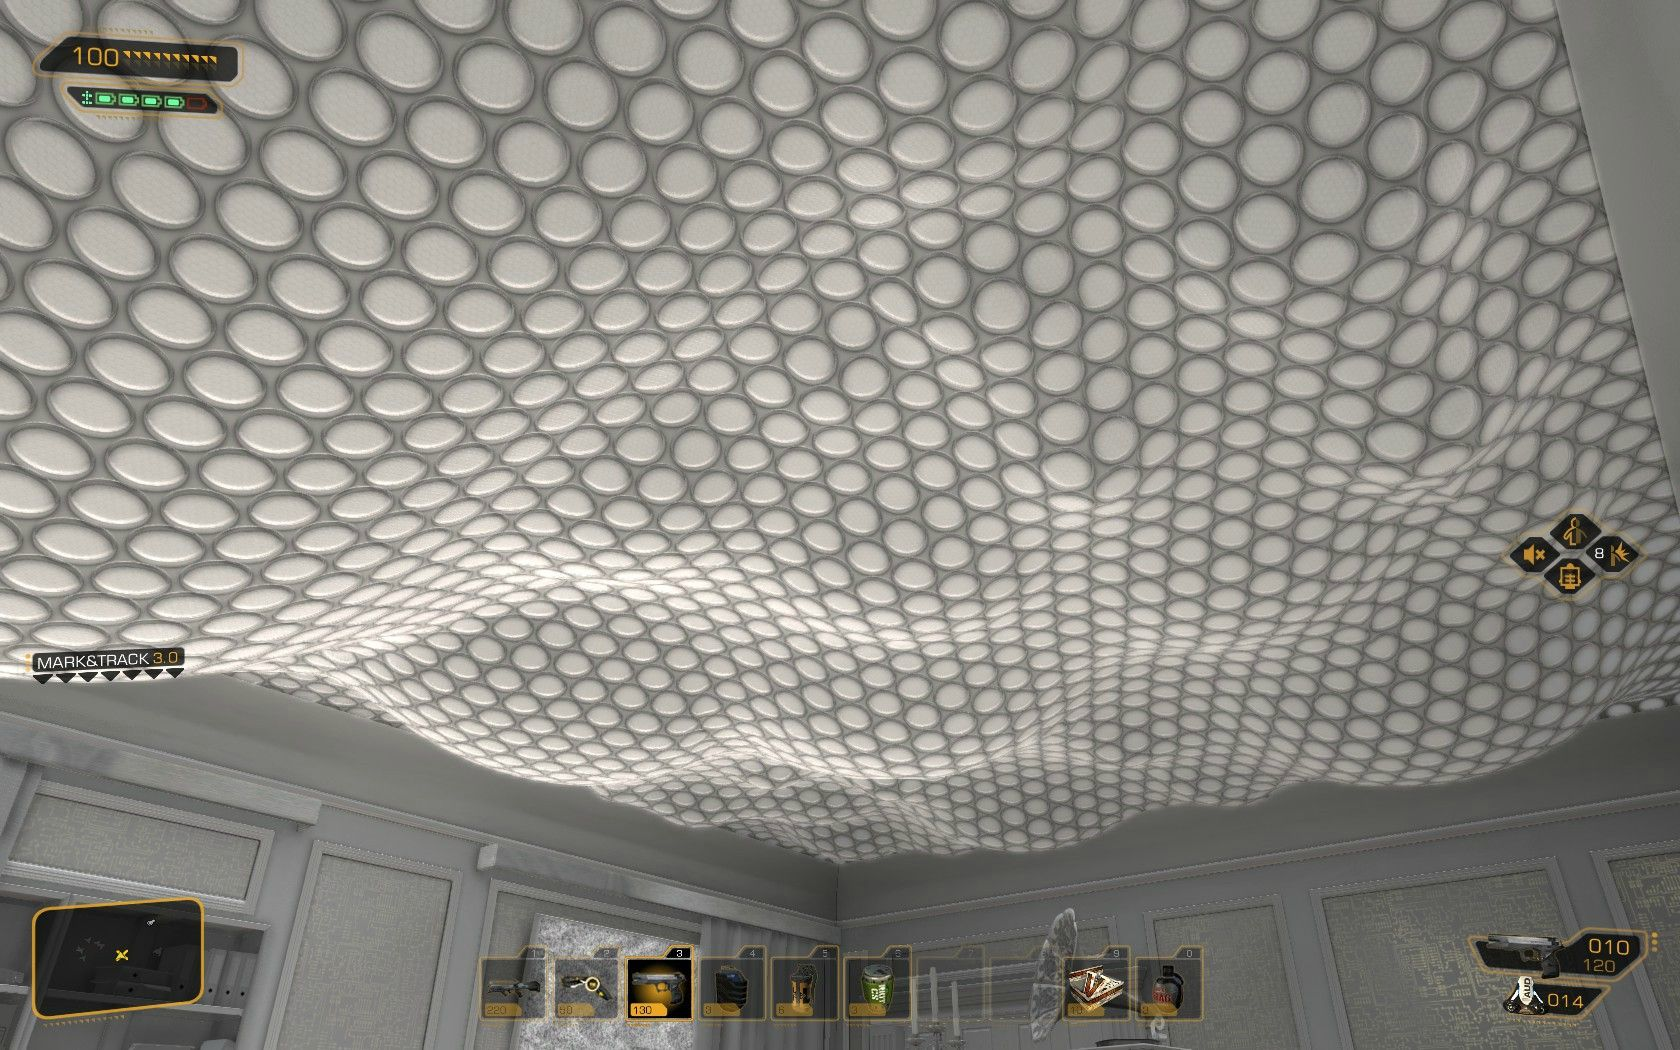 Cool Ceiling Deus Ex Ceilings  Ceilings